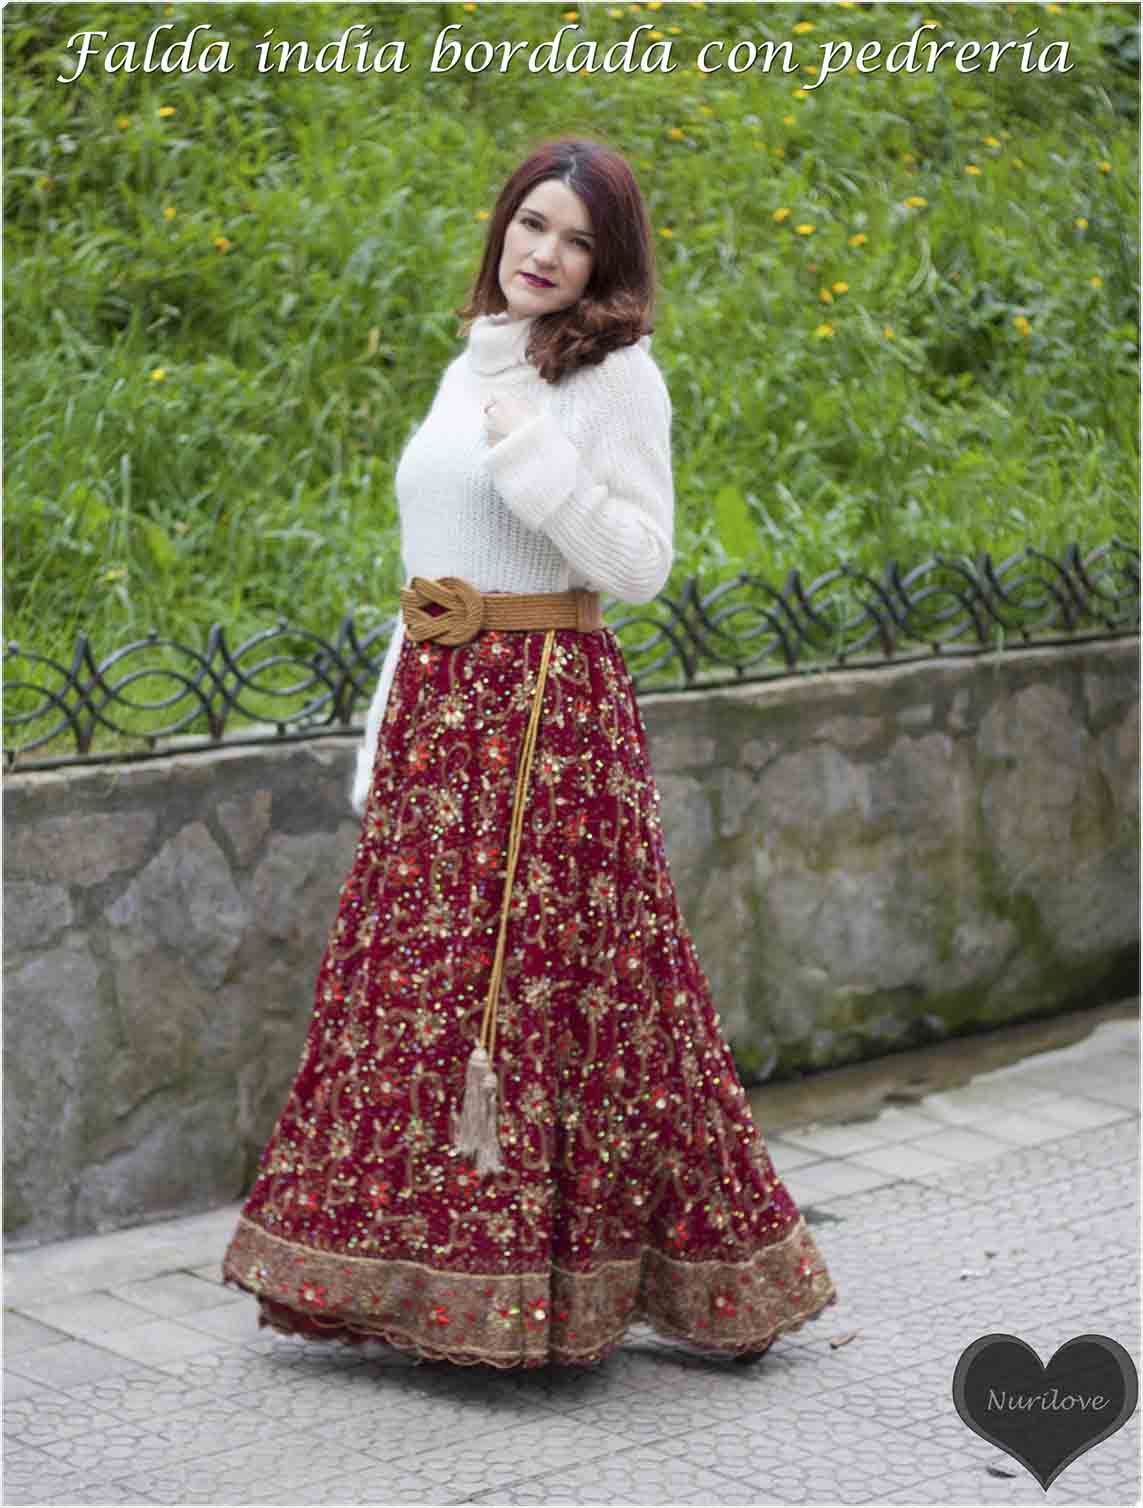 falda india bordada con pedrería que usan en India las novias como traje de novia